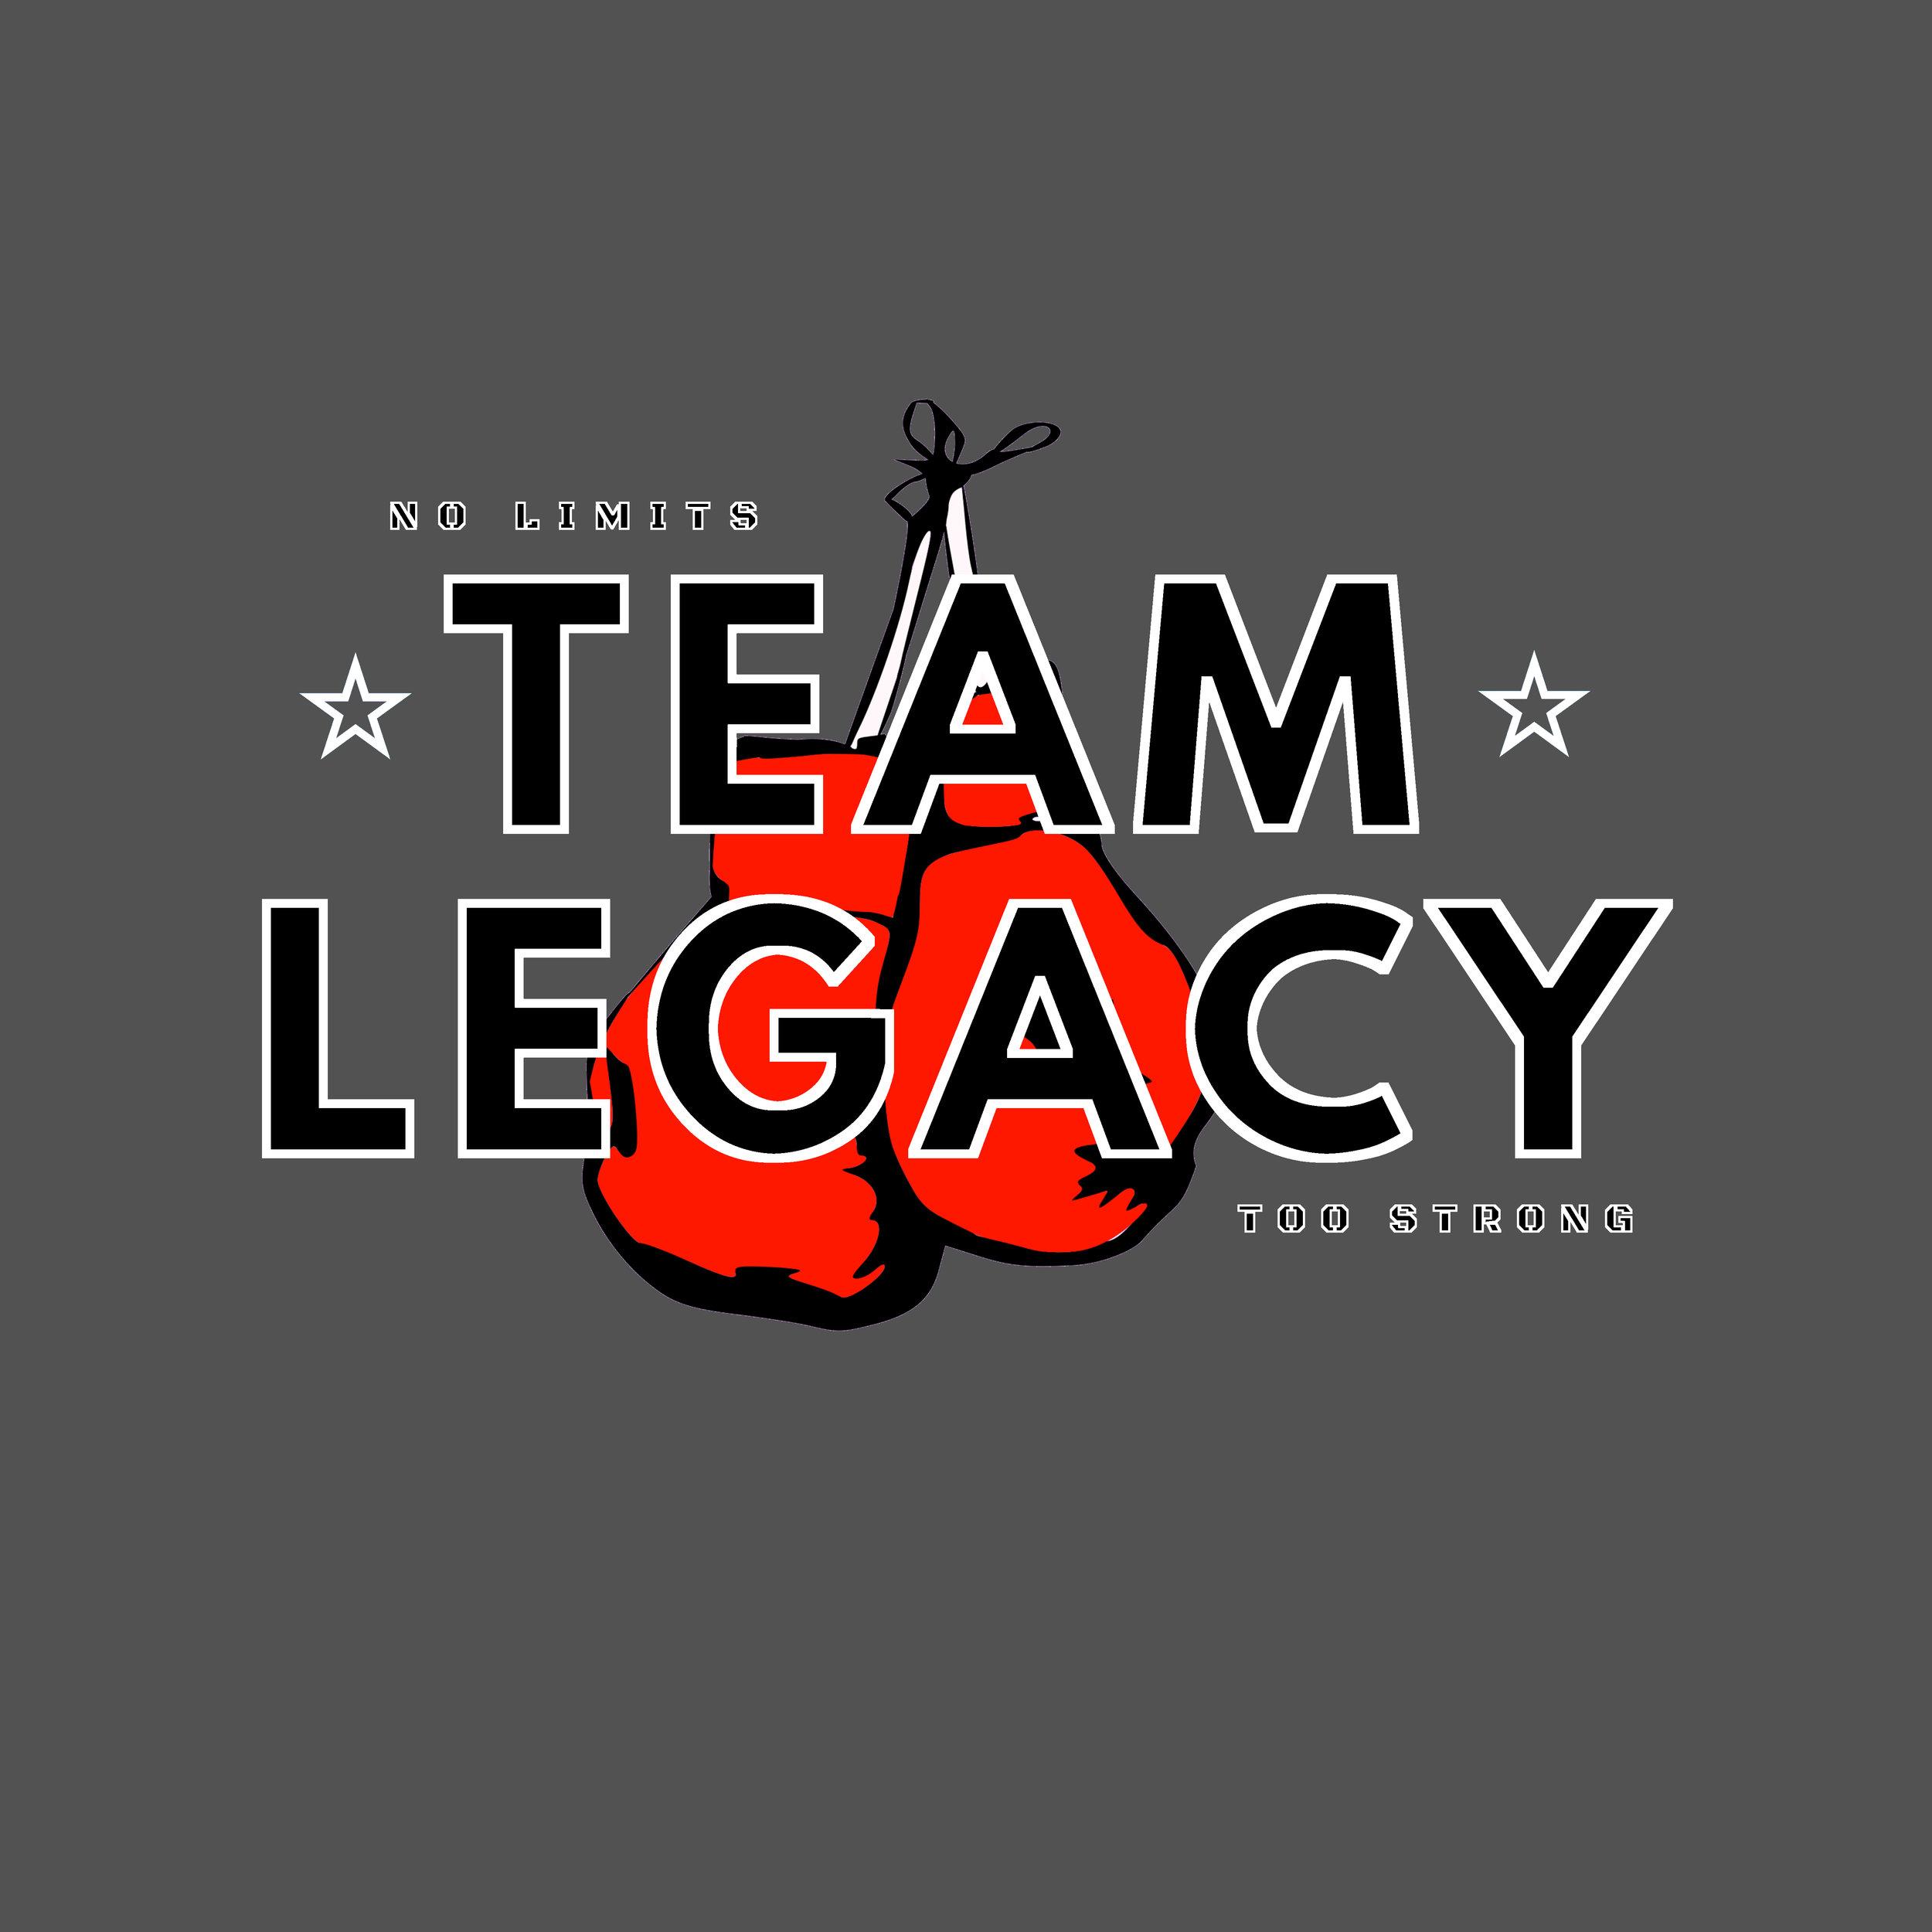 teamlegacy.jpg